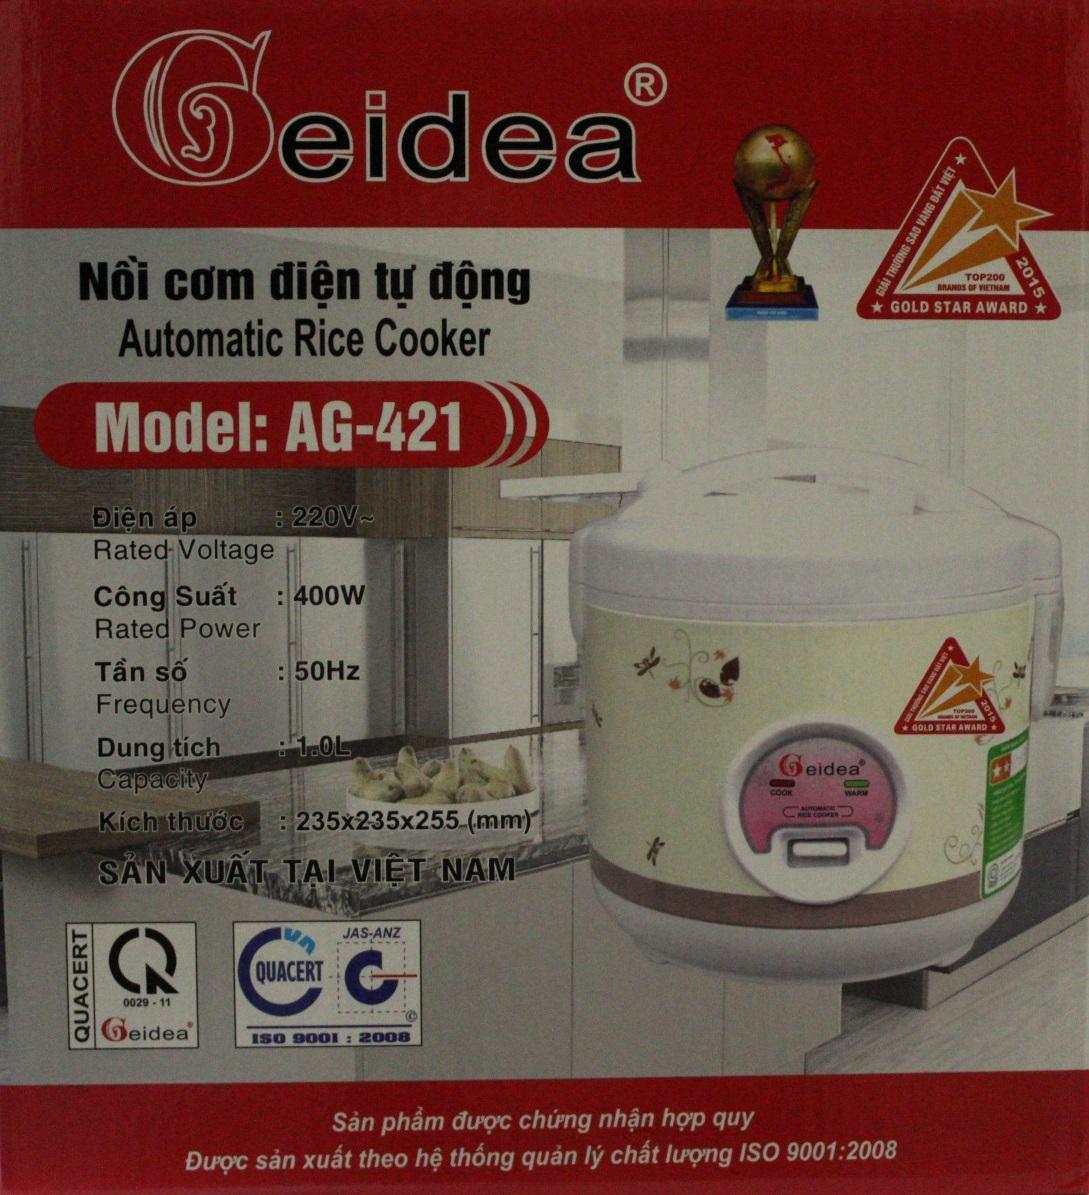 Nồi Cơm Điện Nắp Gài Geidea AG-421 (1 lít) - Màu Ngẫu Nhiên - Chính Hãng